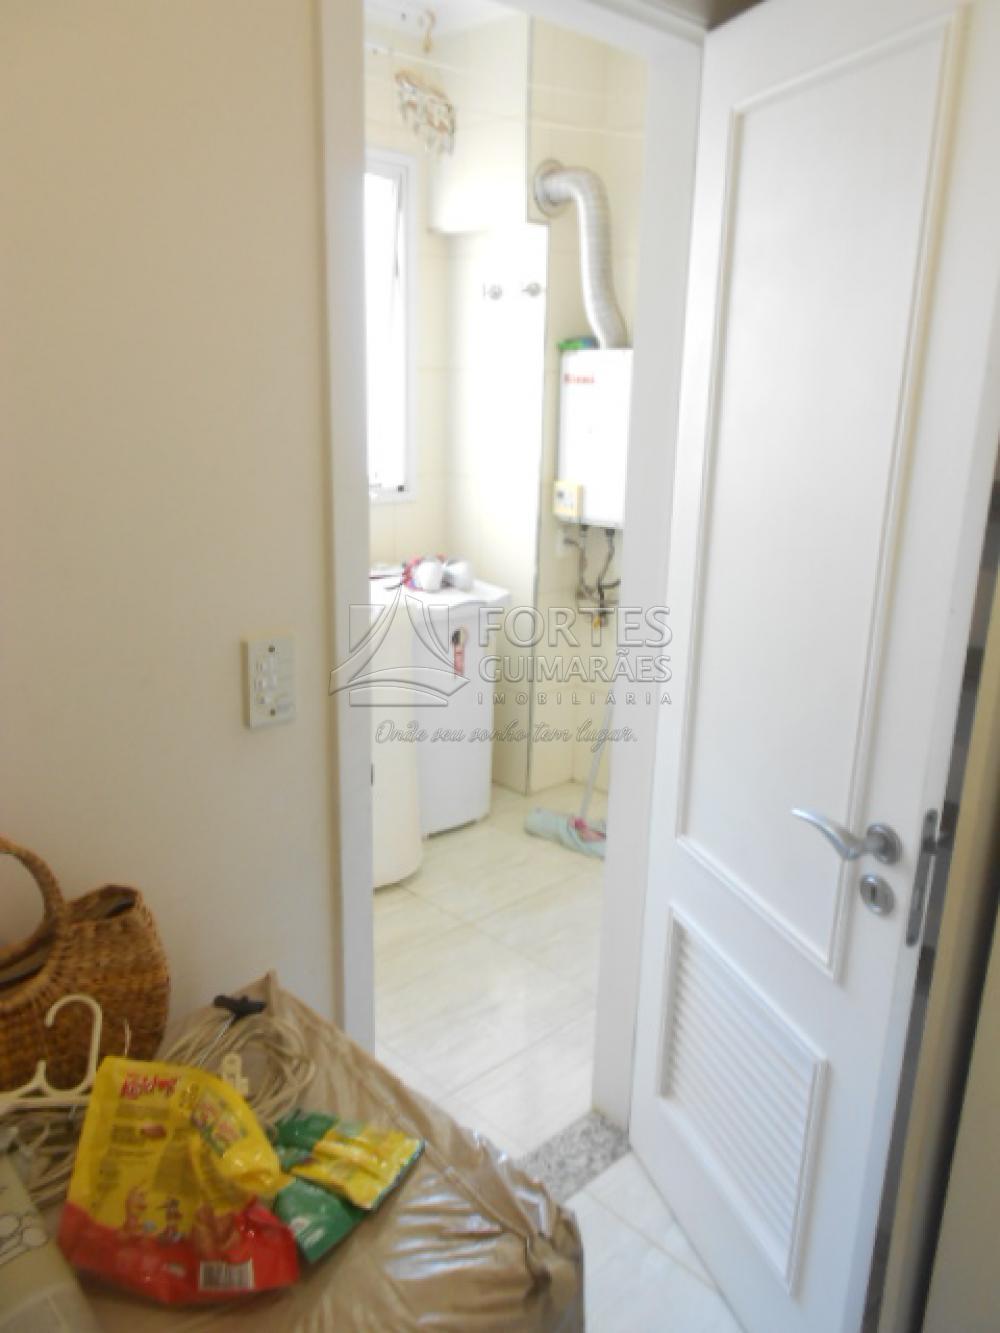 Alugar Apartamentos / Padrão em Ribeirão Preto apenas R$ 5.000,00 - Foto 64